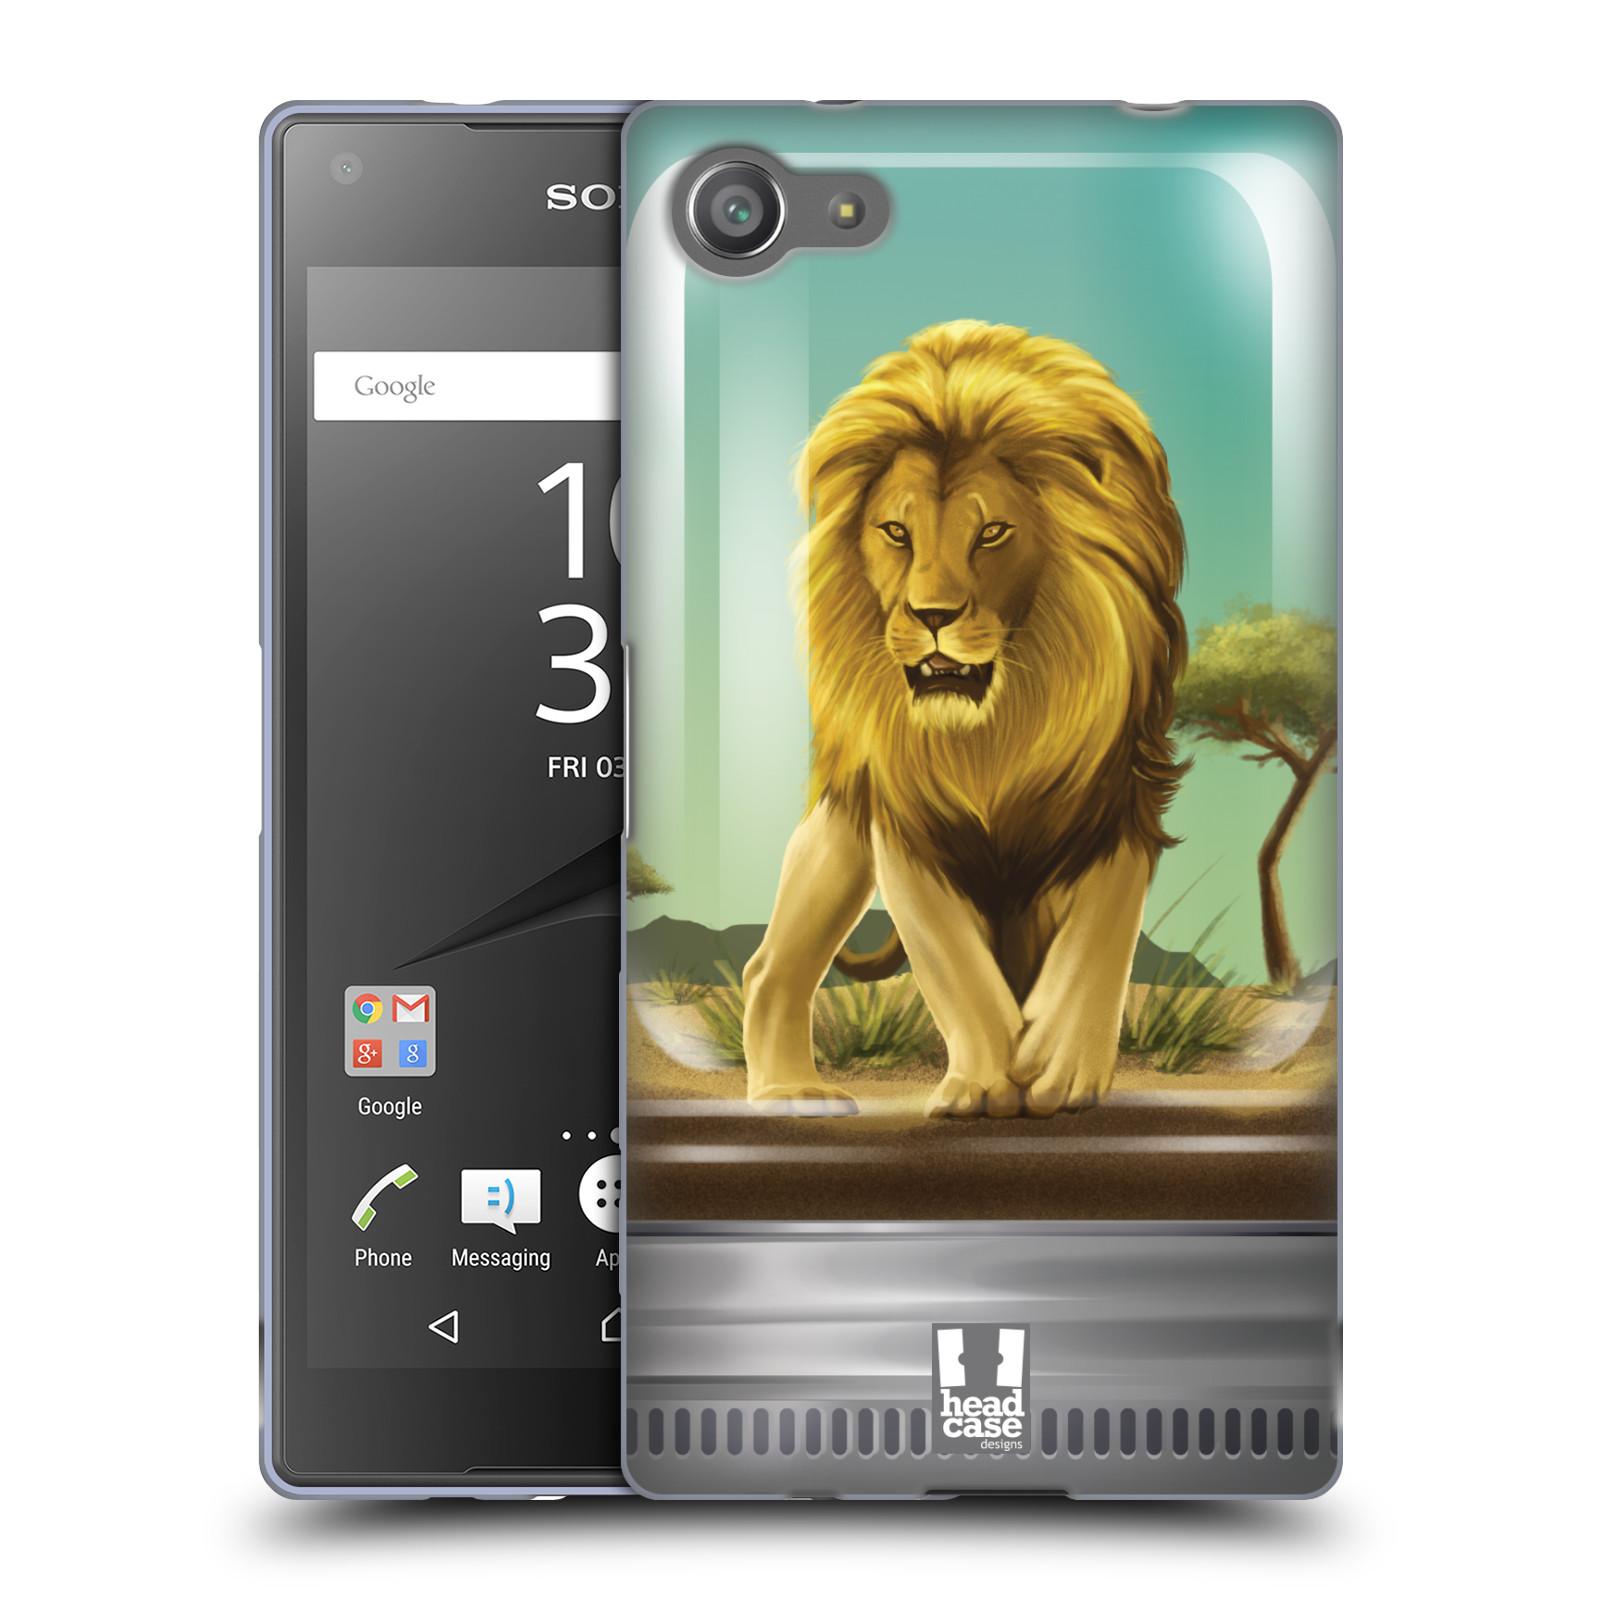 HEAD CASE silikonový obal na mobil Sony Xperia Z5 COMPACT vzor Zvířátka v těžítku lev